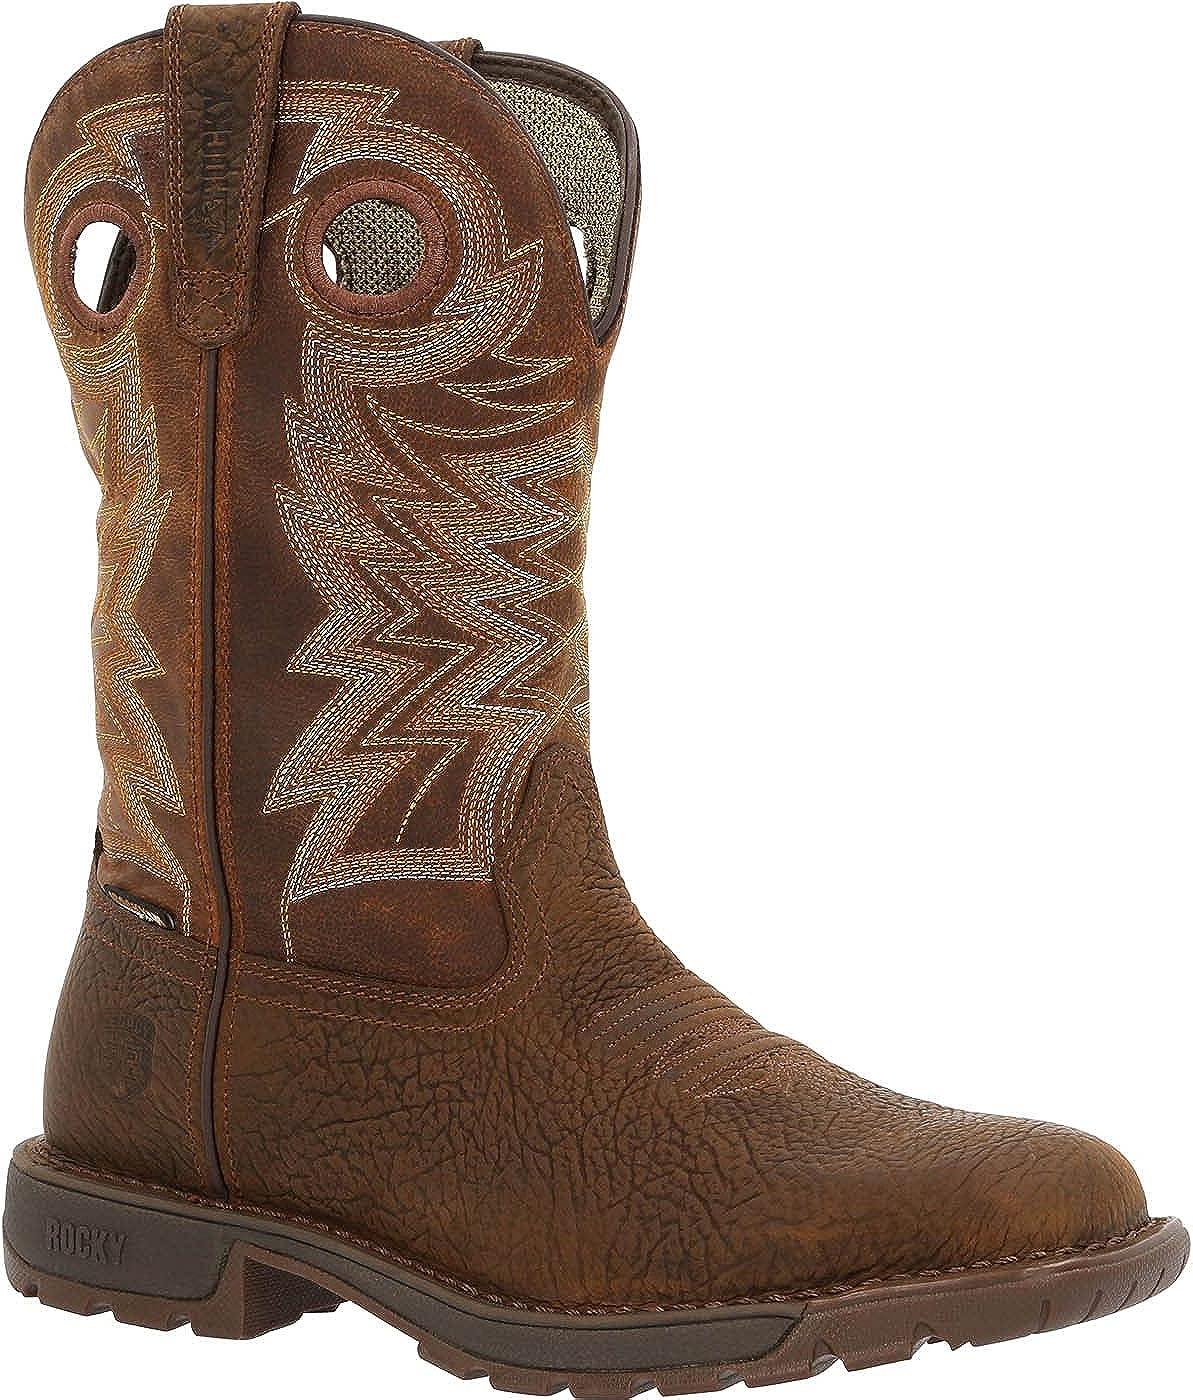 Rocky Legacy 32 Waterproof Western Boot Size 8(W)